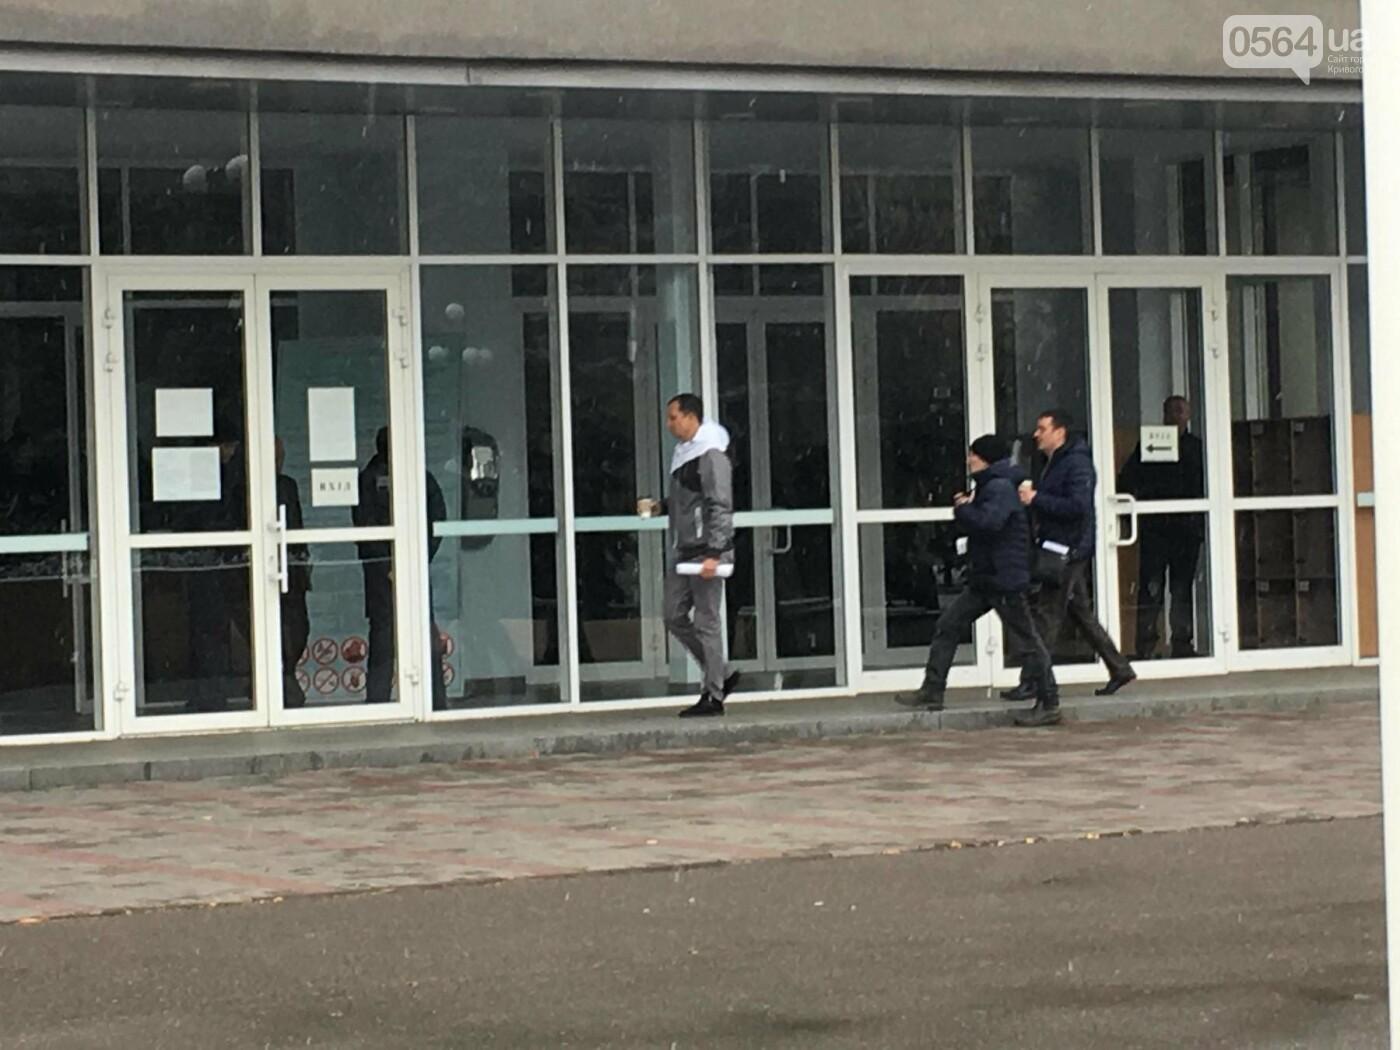 Одноминутная сессия: большинство депутатов криворожского горсовета не пришли, - ФОТО, ВИДЕО, фото-1